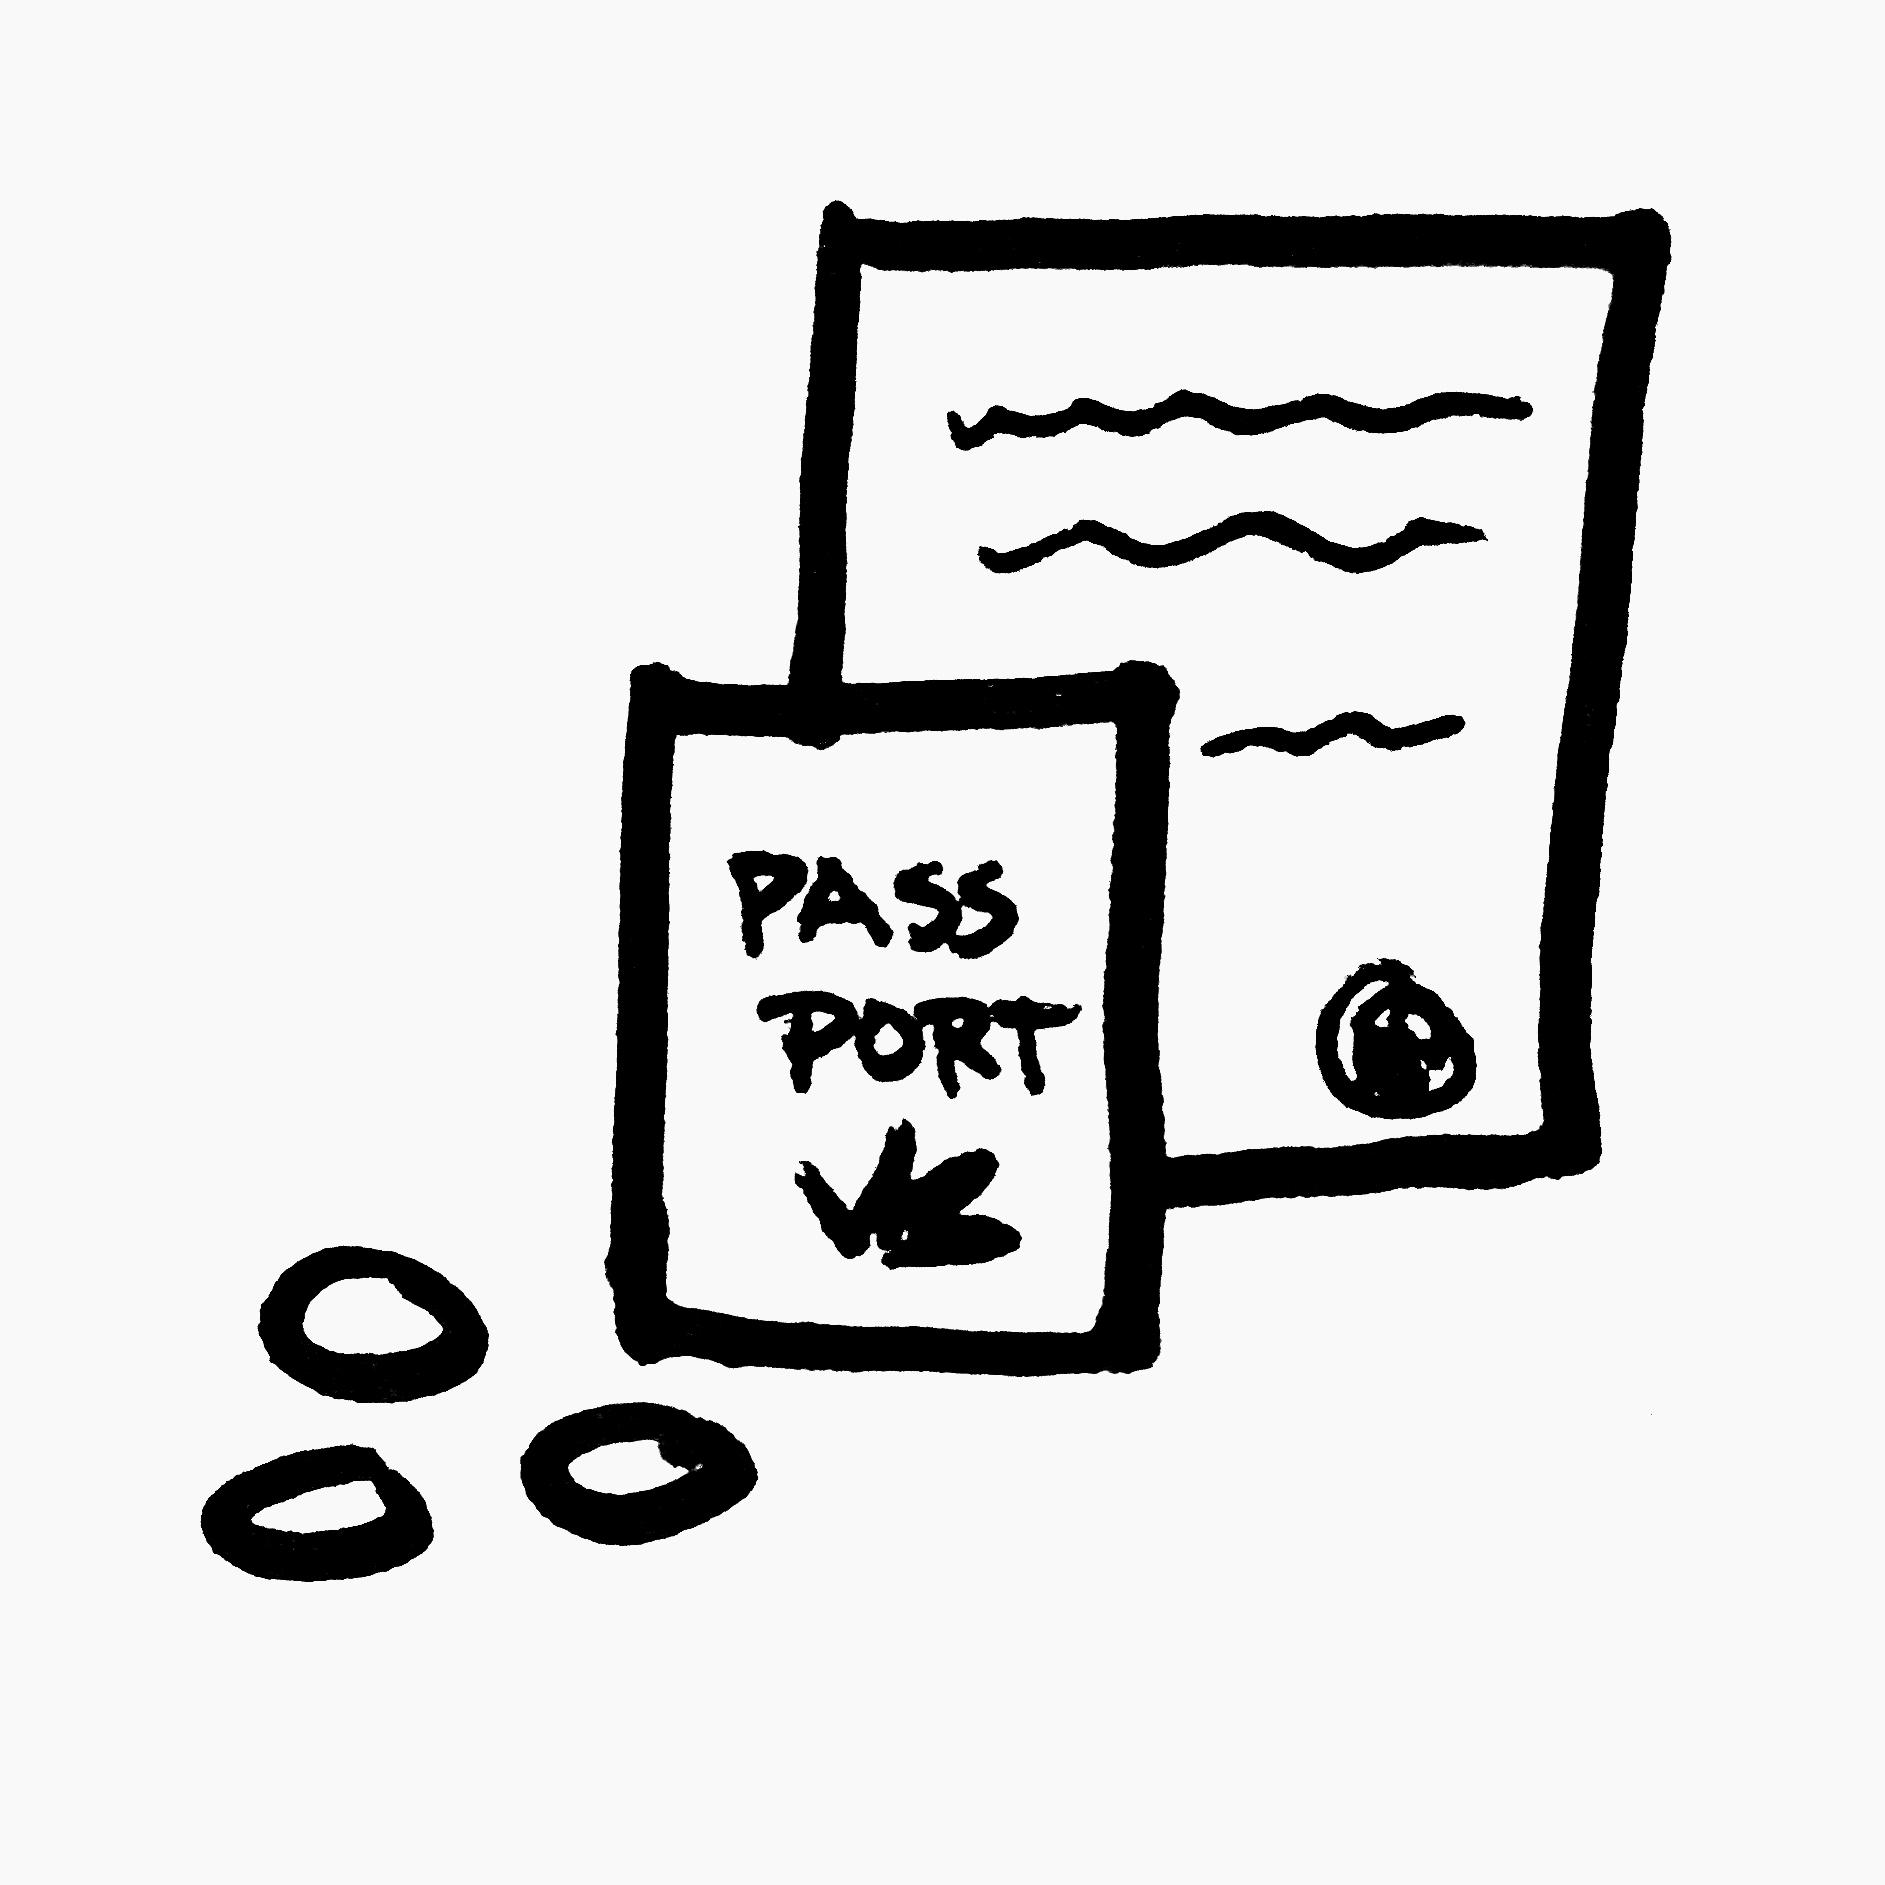 Passport_1.jpg